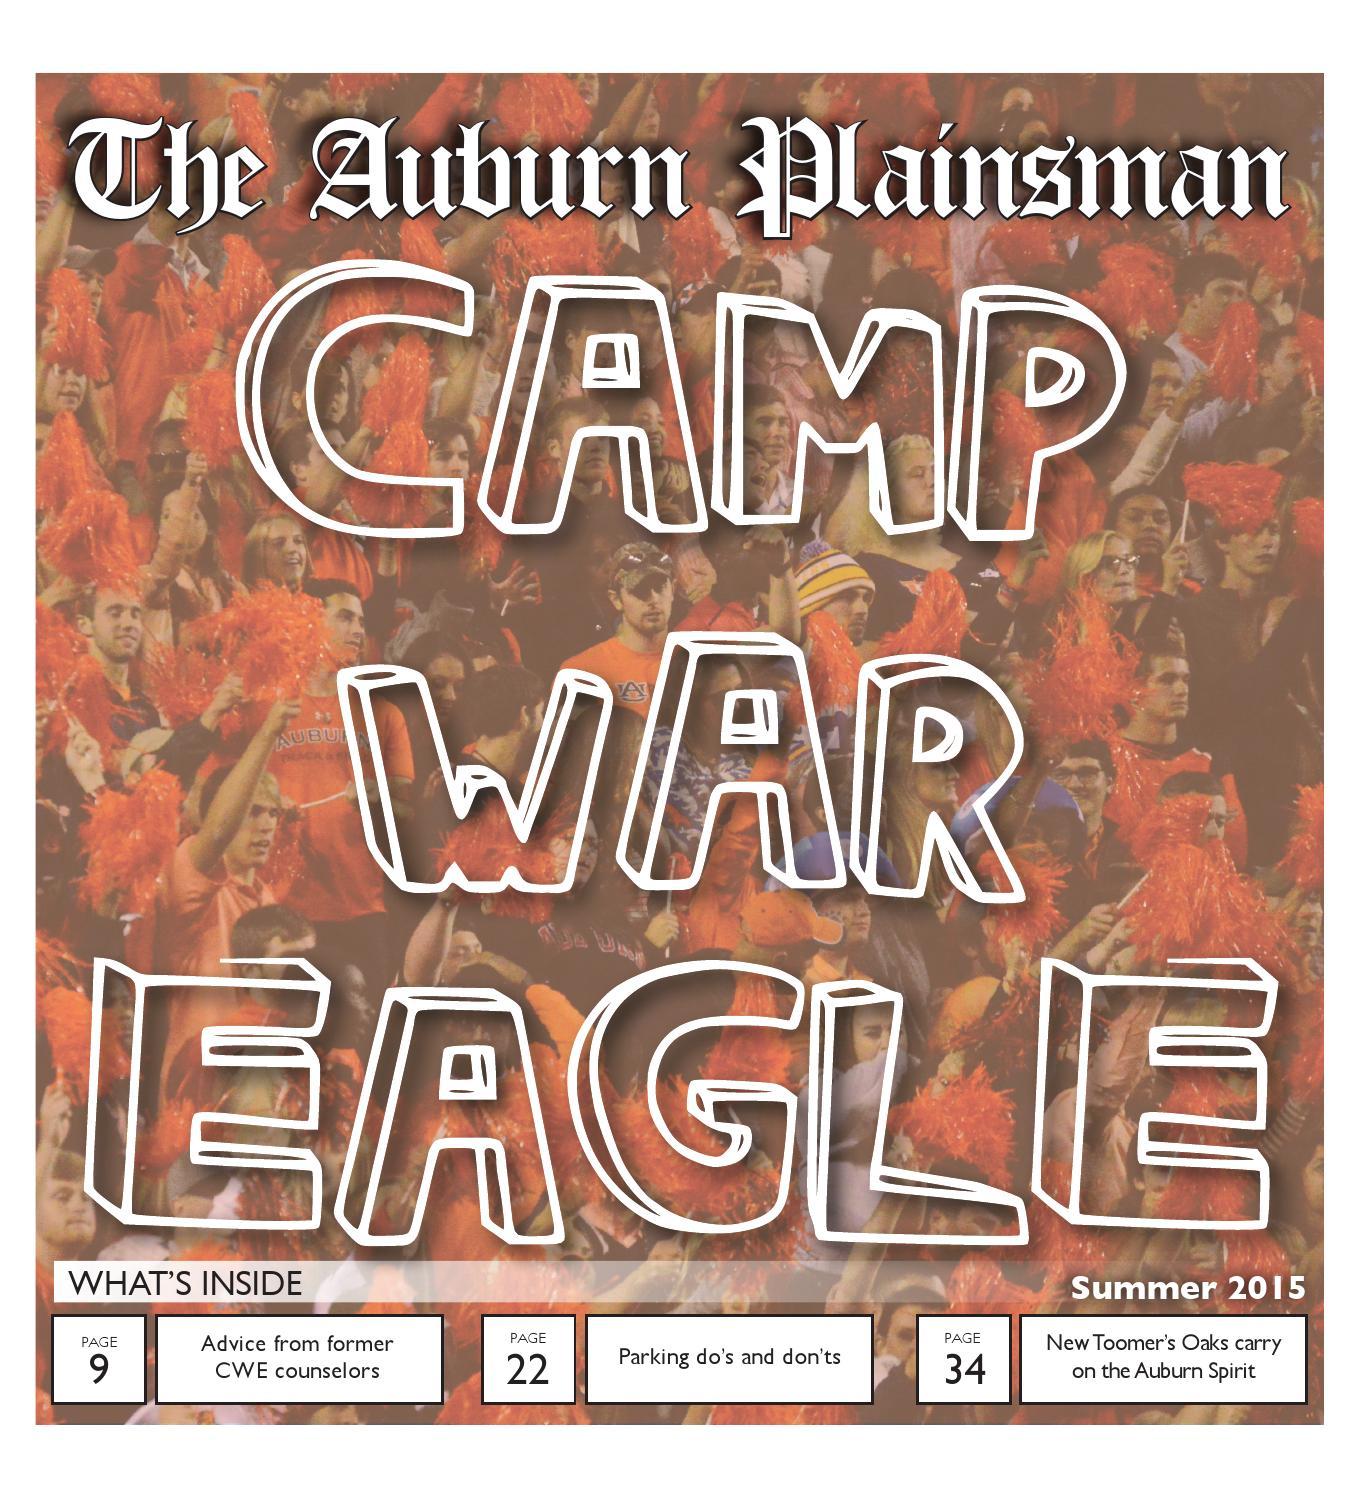 The Auburn Plainsman Camp War Eagle Summer 2015 by The